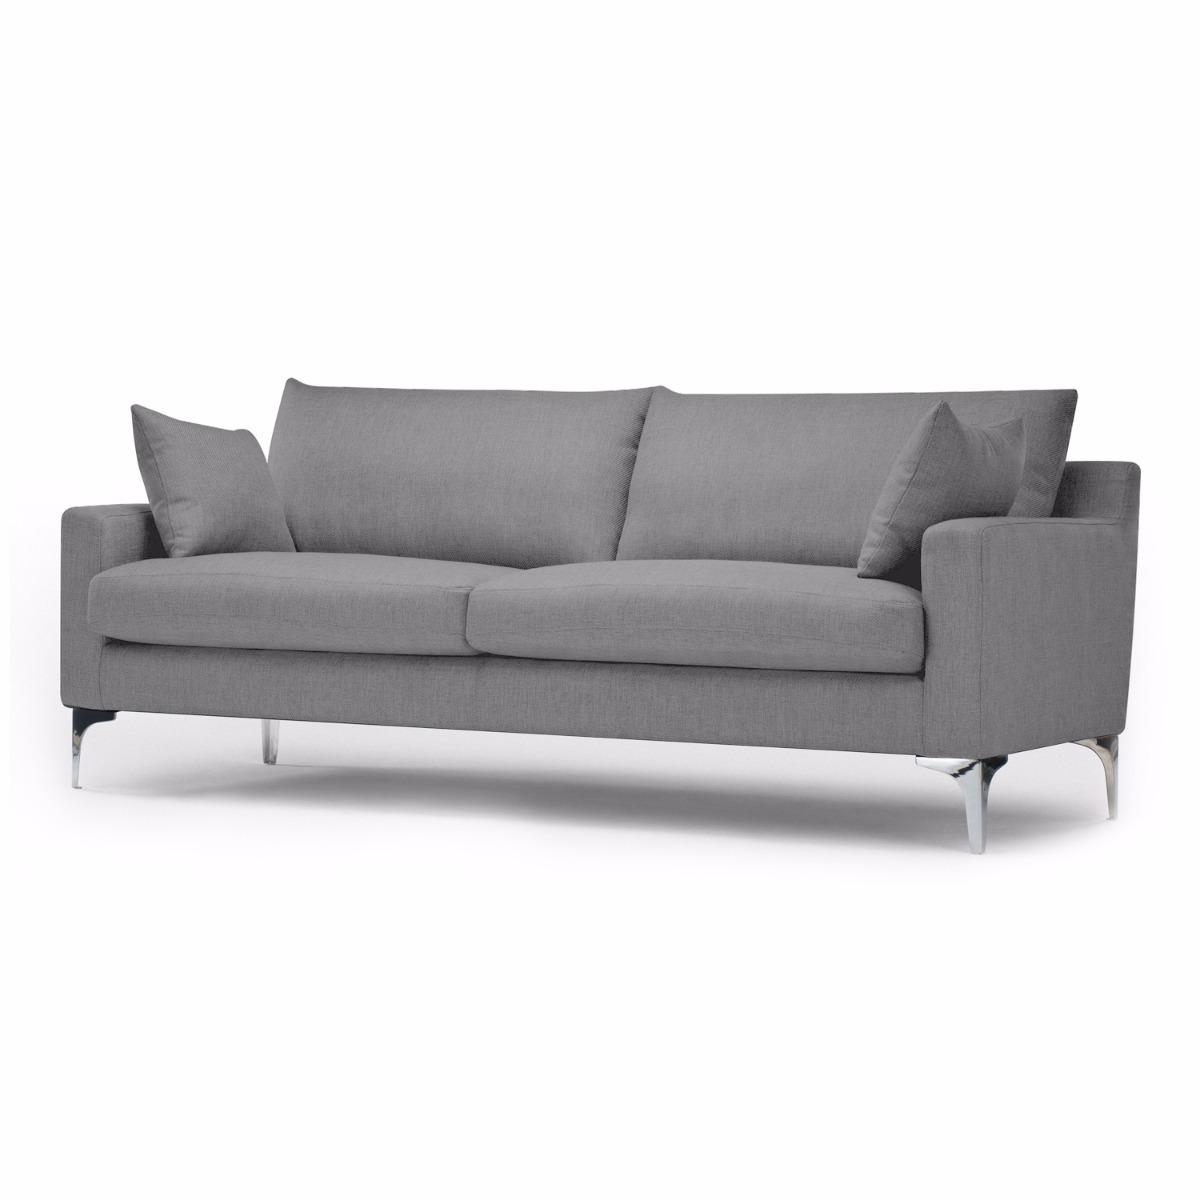 sofa modernos 2017 dog bed saver sillon 3 cuerpos moderno minimalista premiun 17 590 cargando zoom